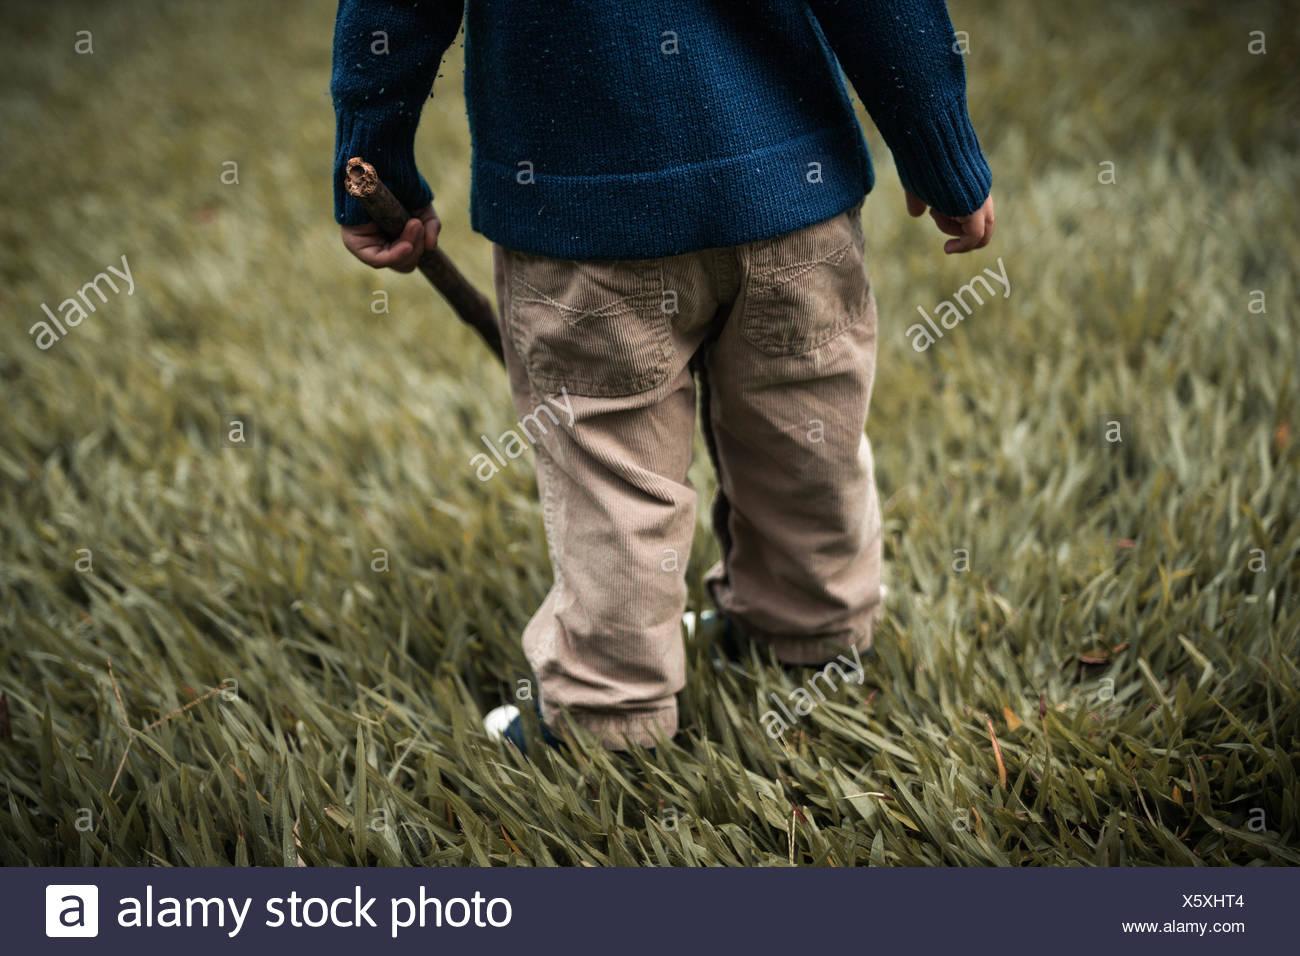 La section d'un enfant en bas standing in field tenant un bâton en bois Photo Stock